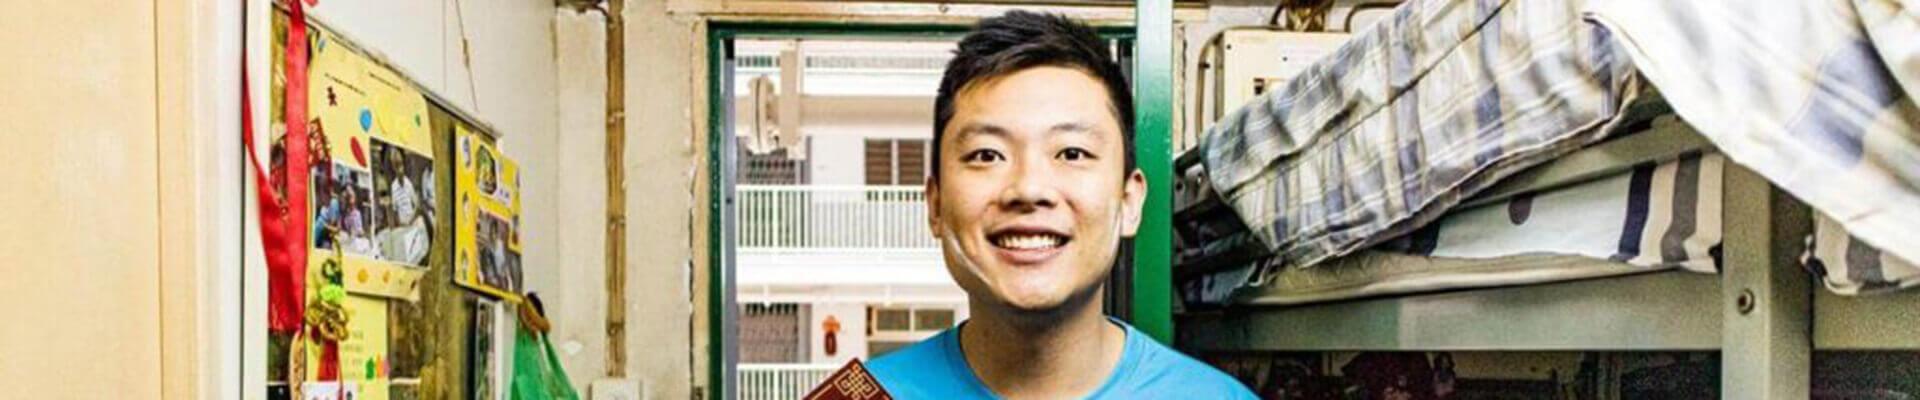 HKUST MBA Hong Kong